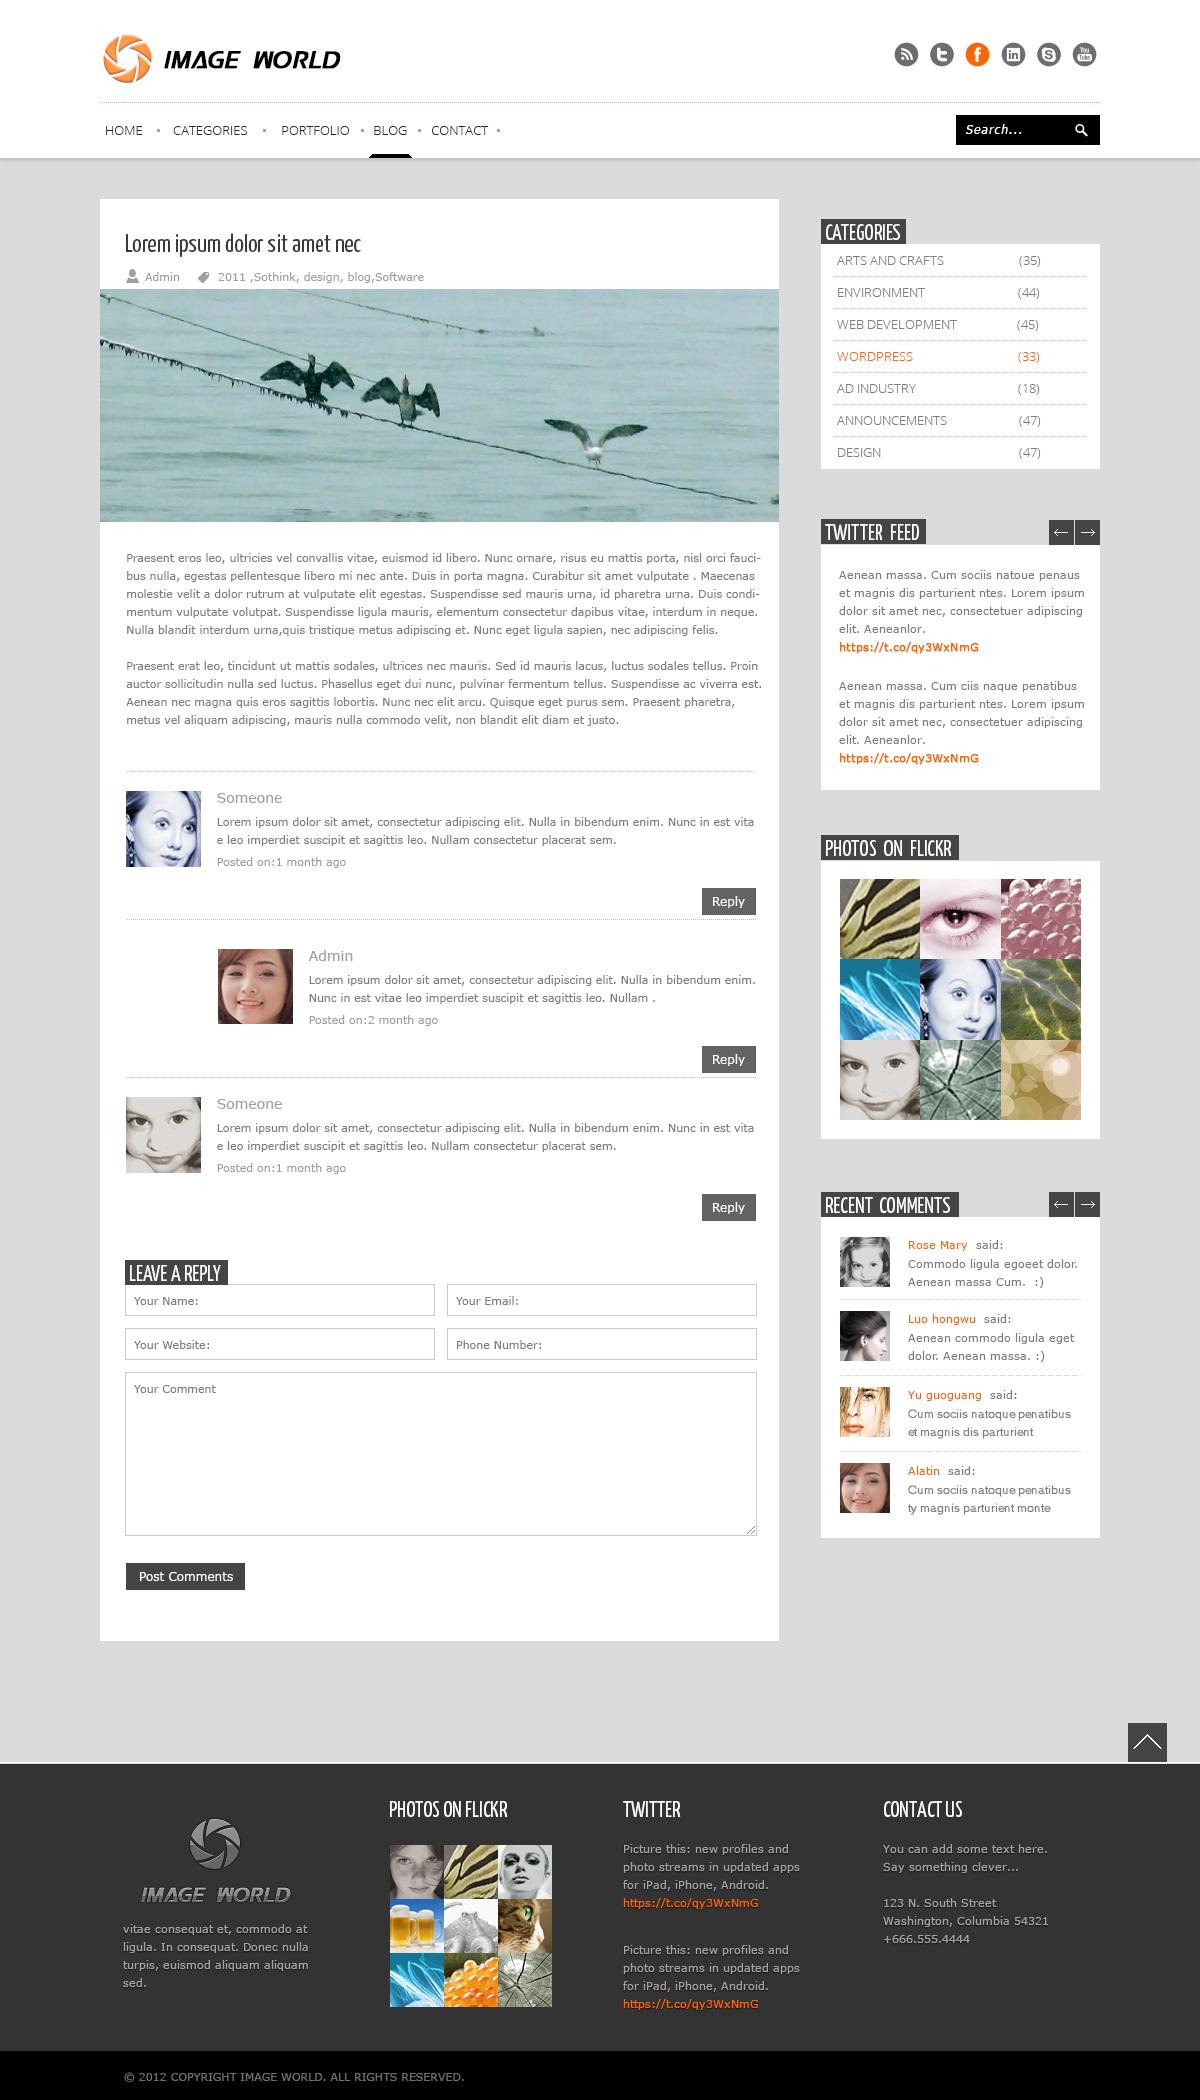 ImageWorld - PSD Templates